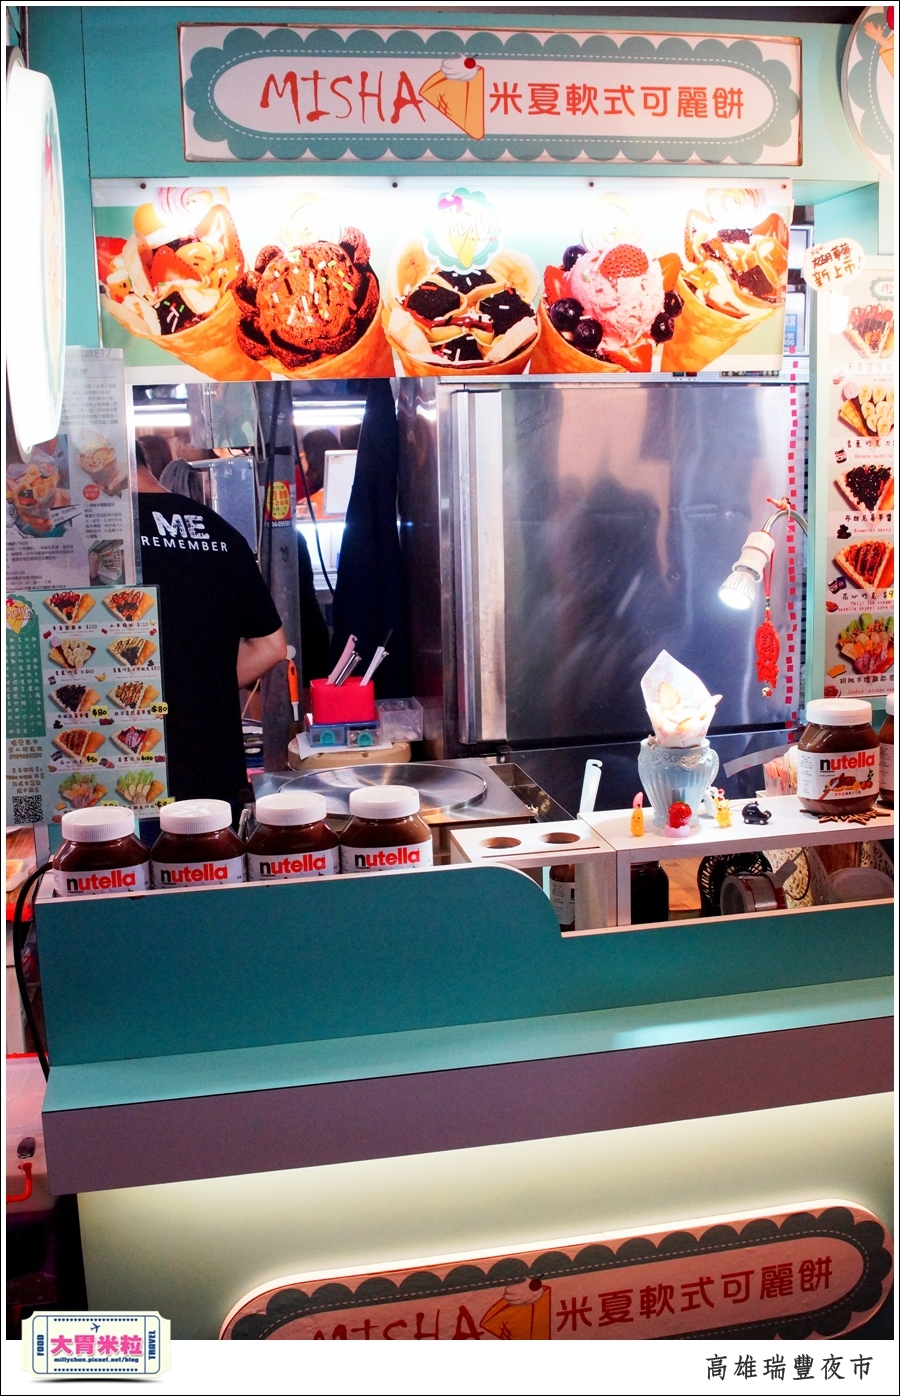 高雄瑞豐夜市必吃推薦@米夏軟式可麗餅推薦@大胃米粒0003.jpg